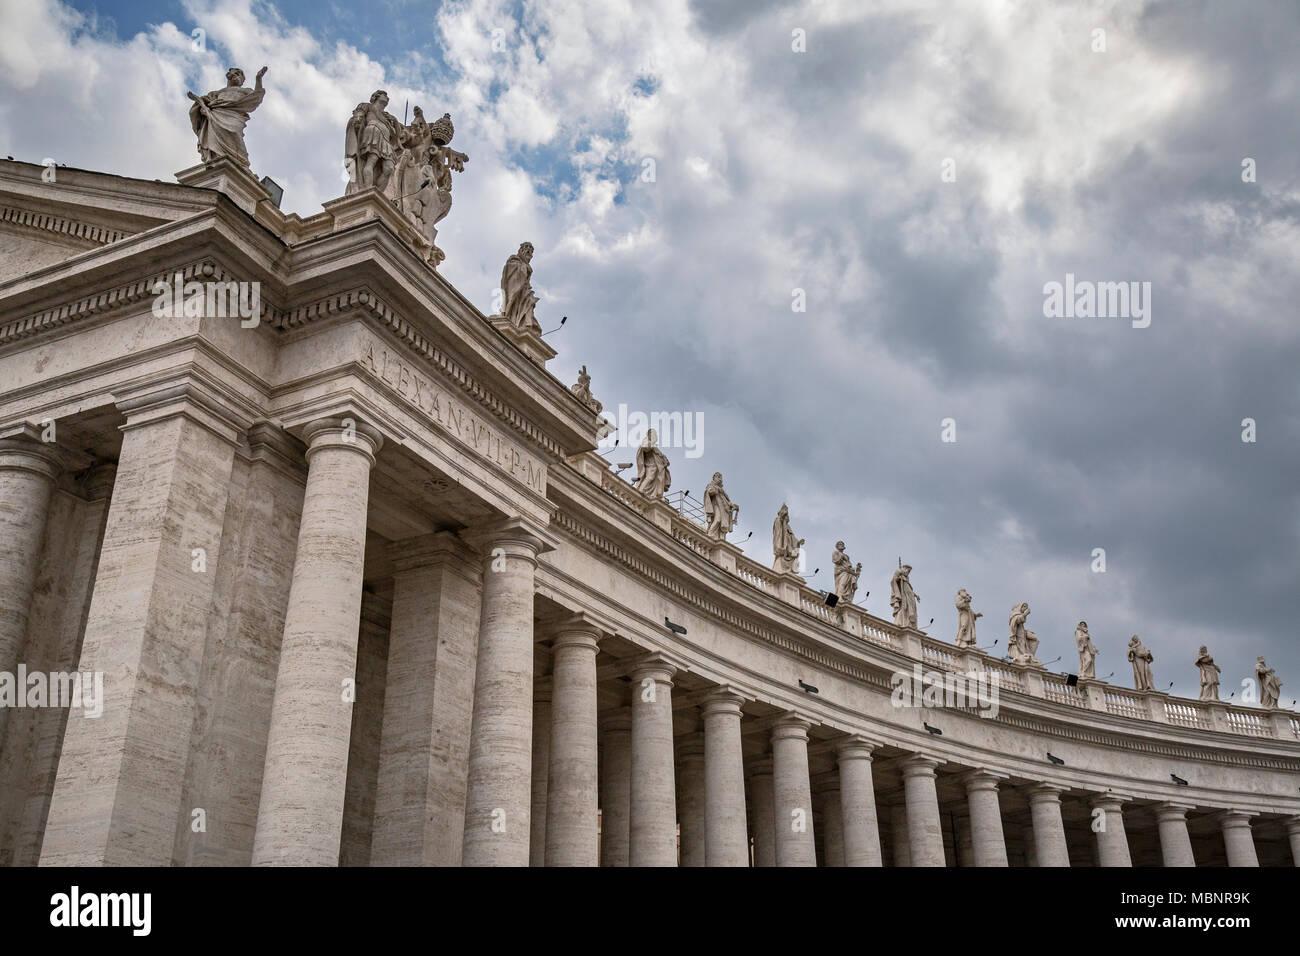 Bernini's Colonnades in (Piazza San Pietro - Città del Vaticano) St Peter's Square, Vatican city, Rome, Italy. Consisting of 284 stone columns and 88  - Stock Image